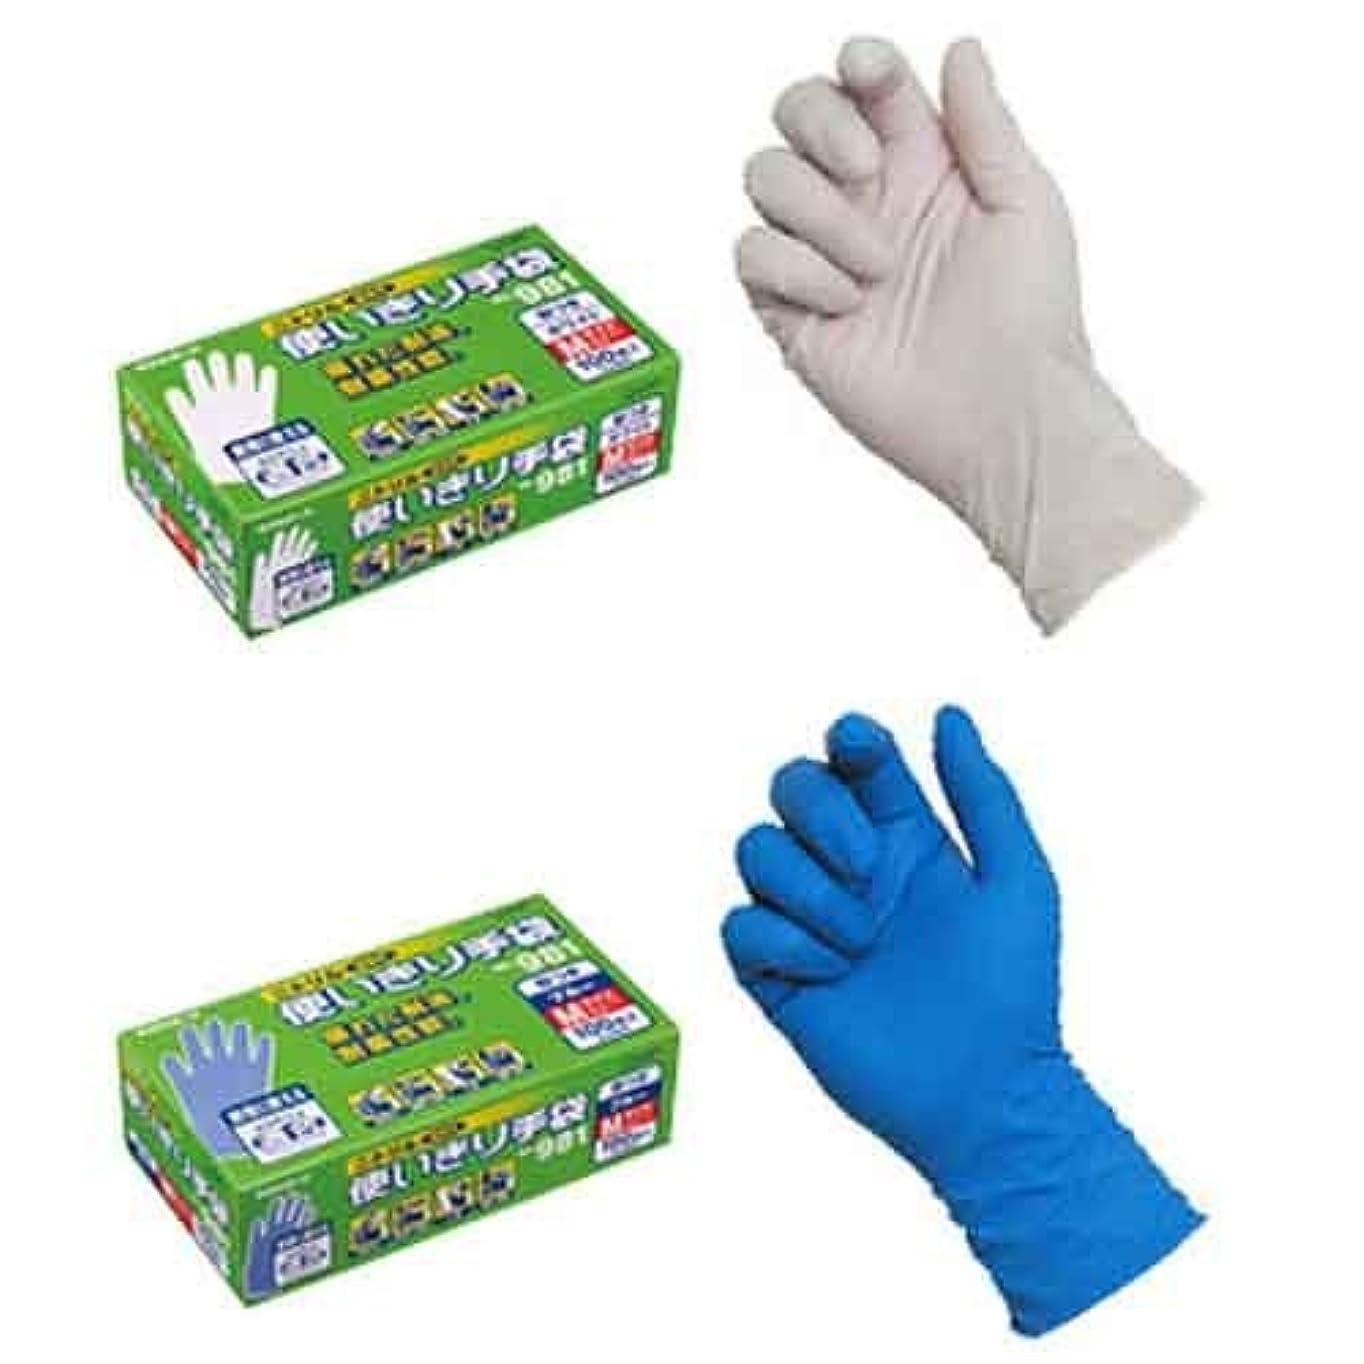 独裁風景罪人モデルローブNo981ニトリル使いきり手袋粉つき100枚ホワイトLL